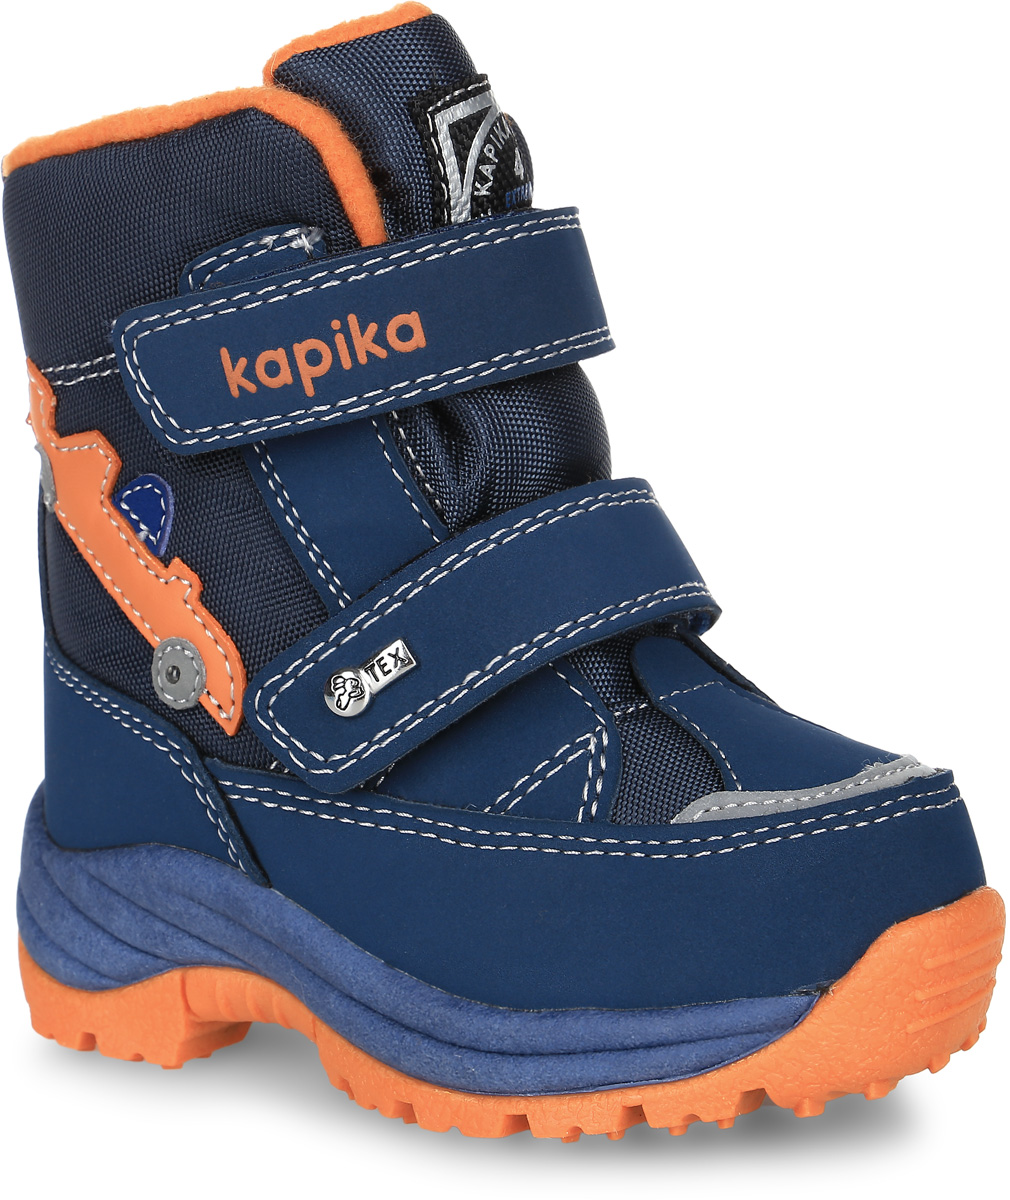 Ботинки для мальчика Kapika, цвет: темно-синий, оранжевый. 41151-2. Размер 2441151-2Ботинки от Kapika выполнены из искусственной кожи со вставками из водонепроницаемого текстиля. Боковая сторона оформлена аппликацией в виде машинки. Модель на застежках-липучках. Подкладка и стелька изготовлены из шерстяного меха и текстиля, а также имеется прослойка из мембранных материалов. Подошва из полимерного термопластичного материала оснащена рифлением.